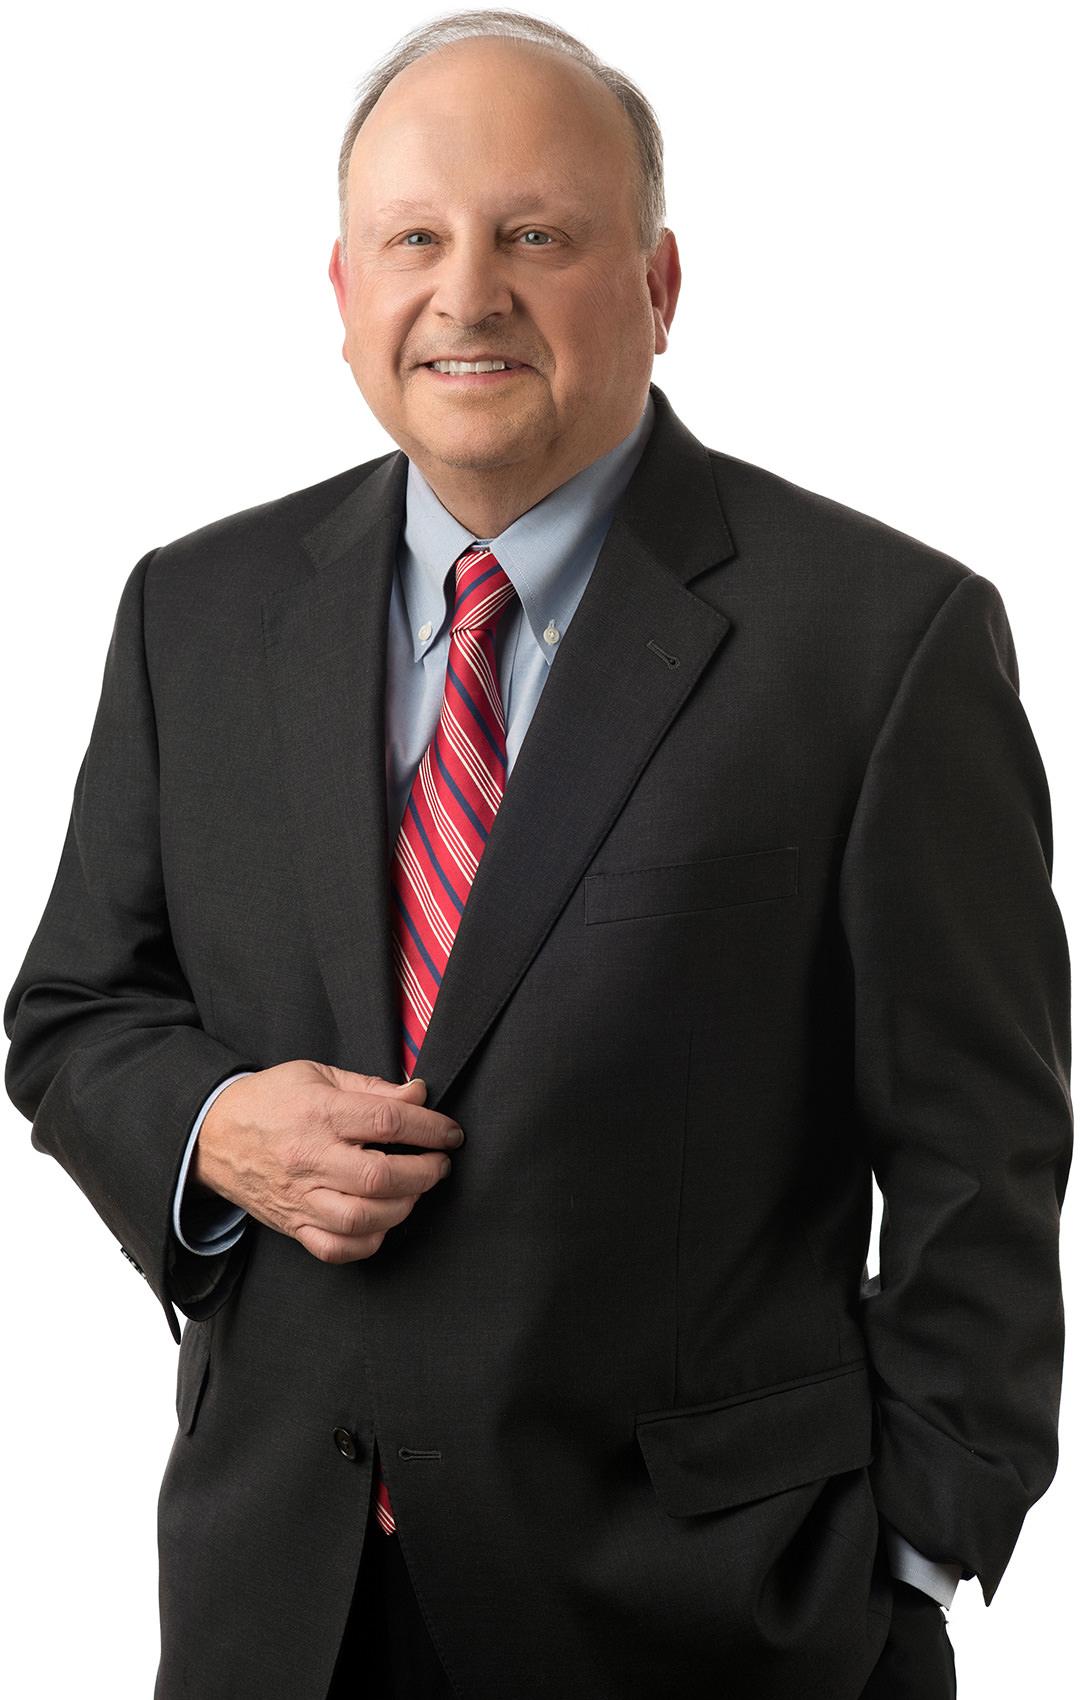 John T. Moore